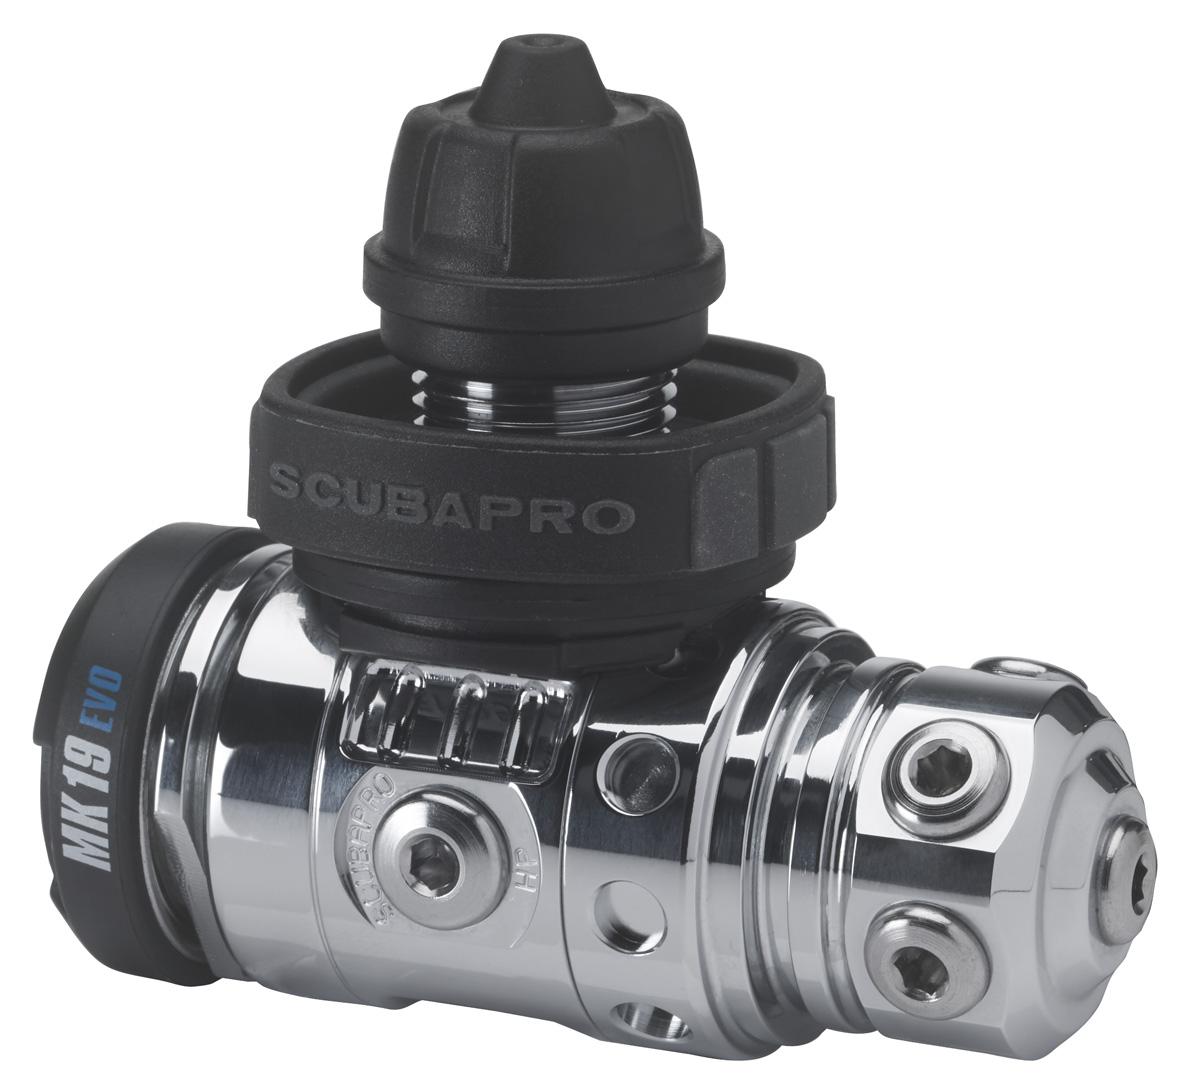 Scubapro MK19 EVO